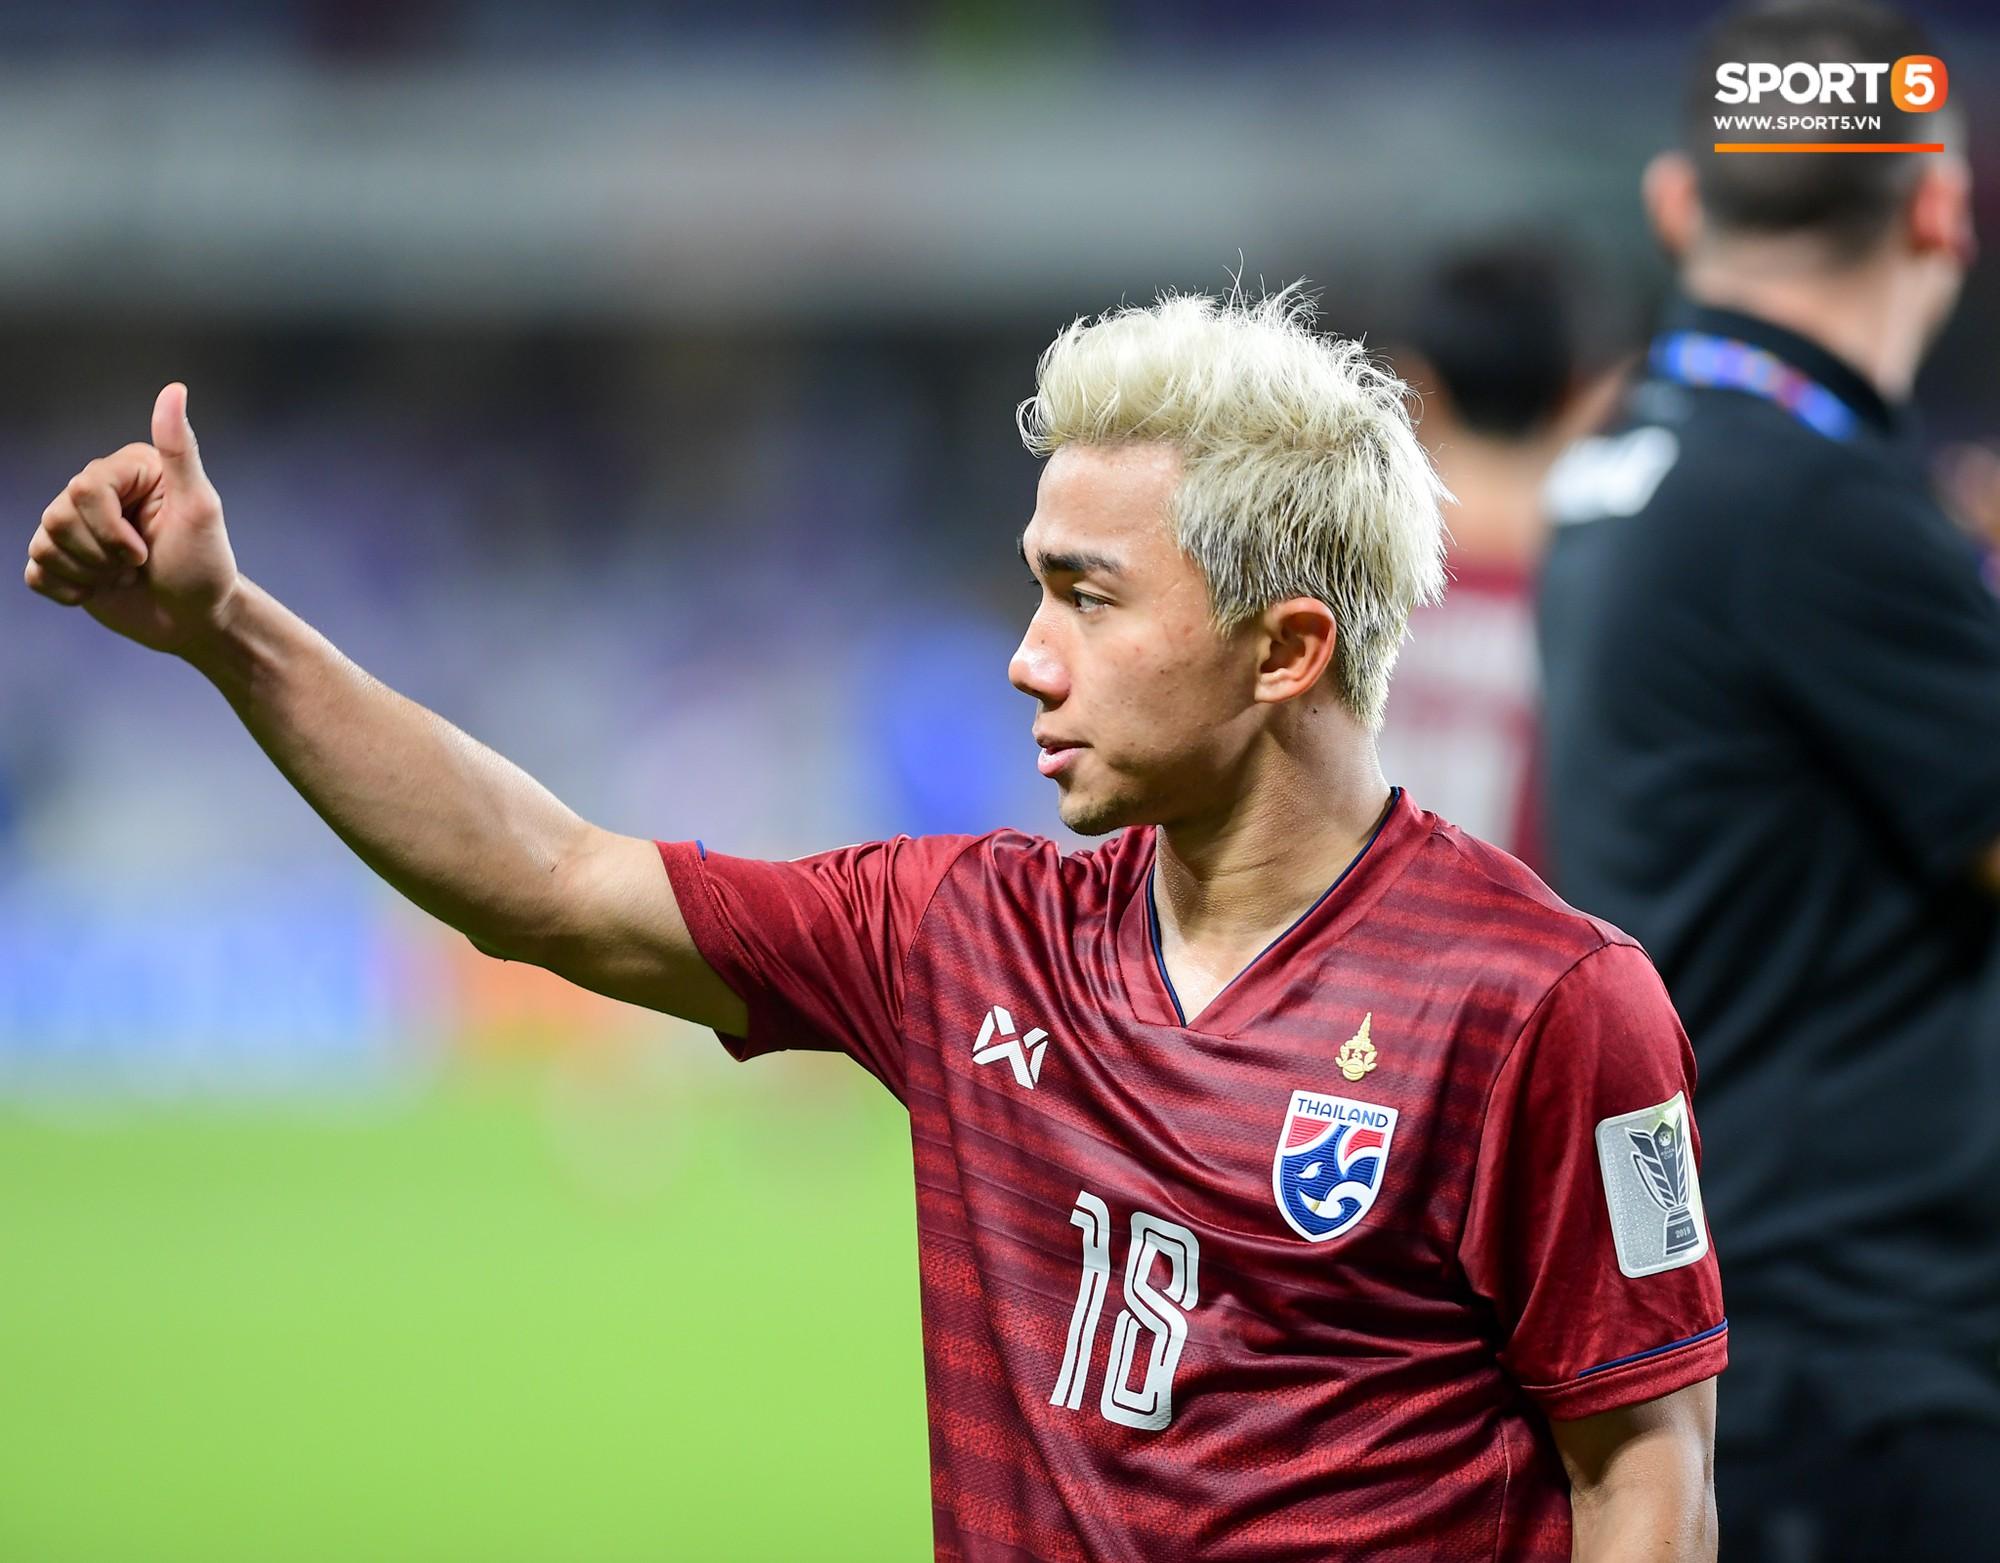 Messi Thái Chanathip Songkrasin gạt bỏ đối đầu, cảm thấy tự hào vì tuyển Việt Nam - Ảnh 1.